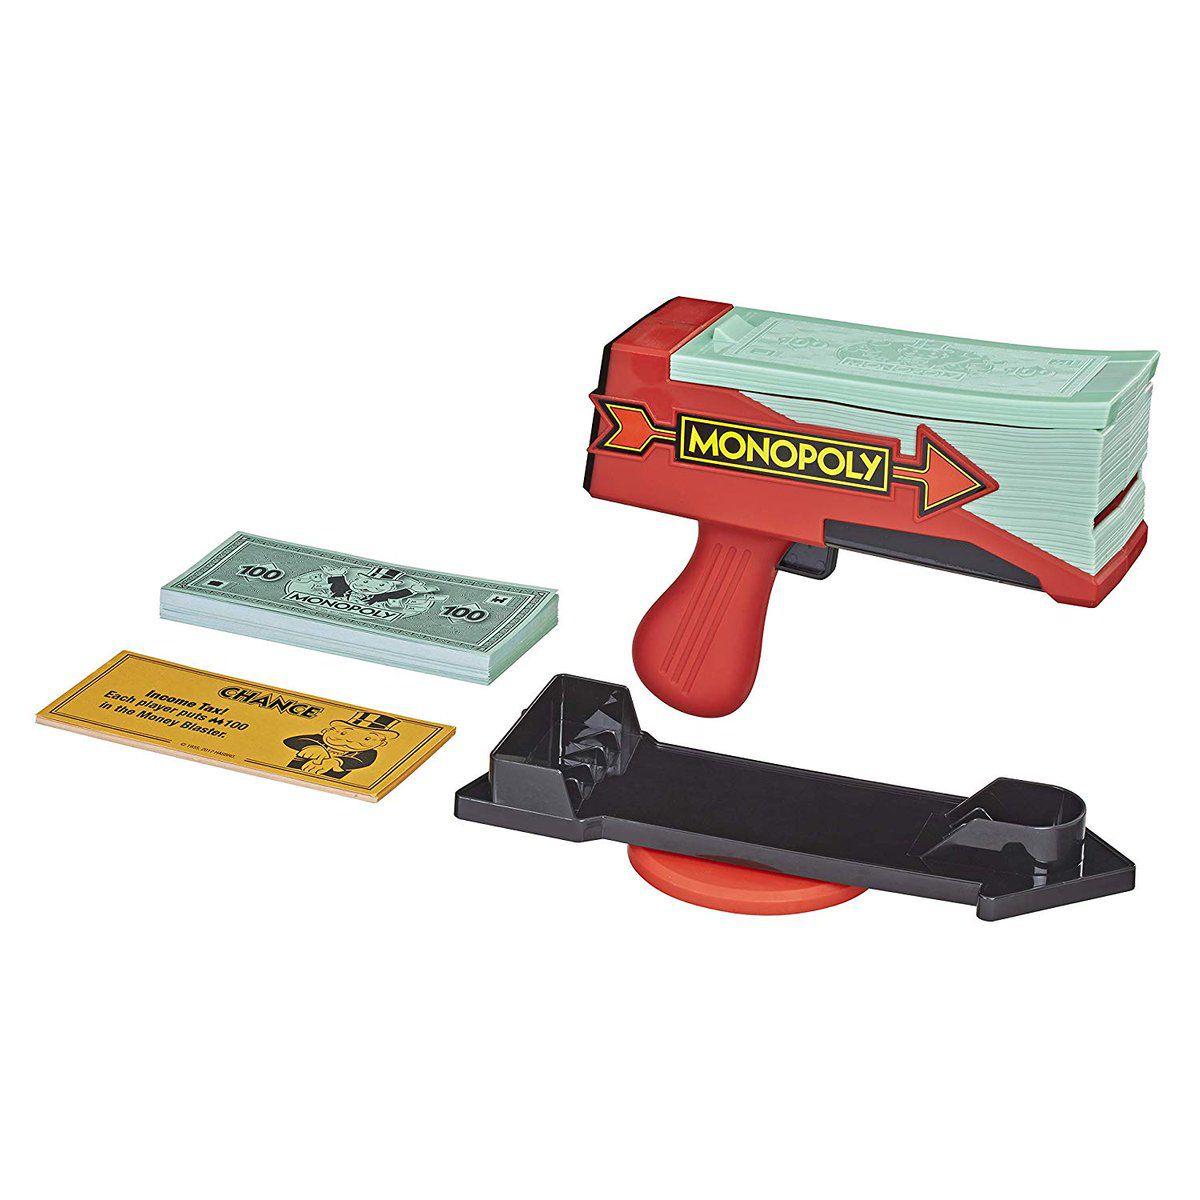 Jogo Monopoly Chuva de Dinheiro - Hasbro E3037